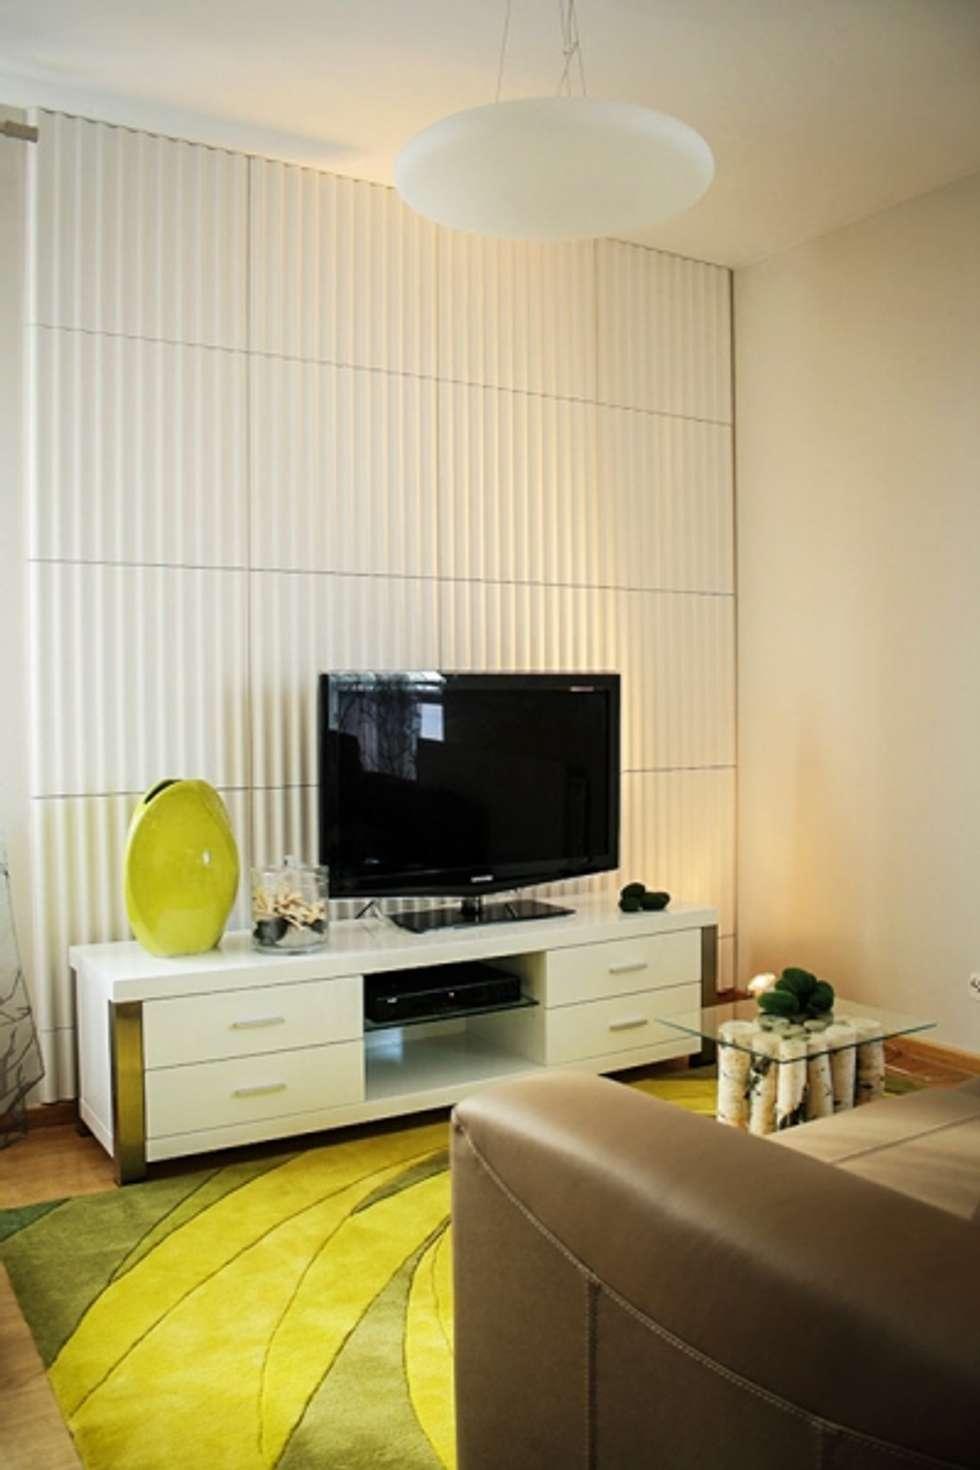 Panele gipsowe 3D Loft Design System, Dekory 11-20: styl , w kategorii Ściany zaprojektowany przez DecoMania.pl